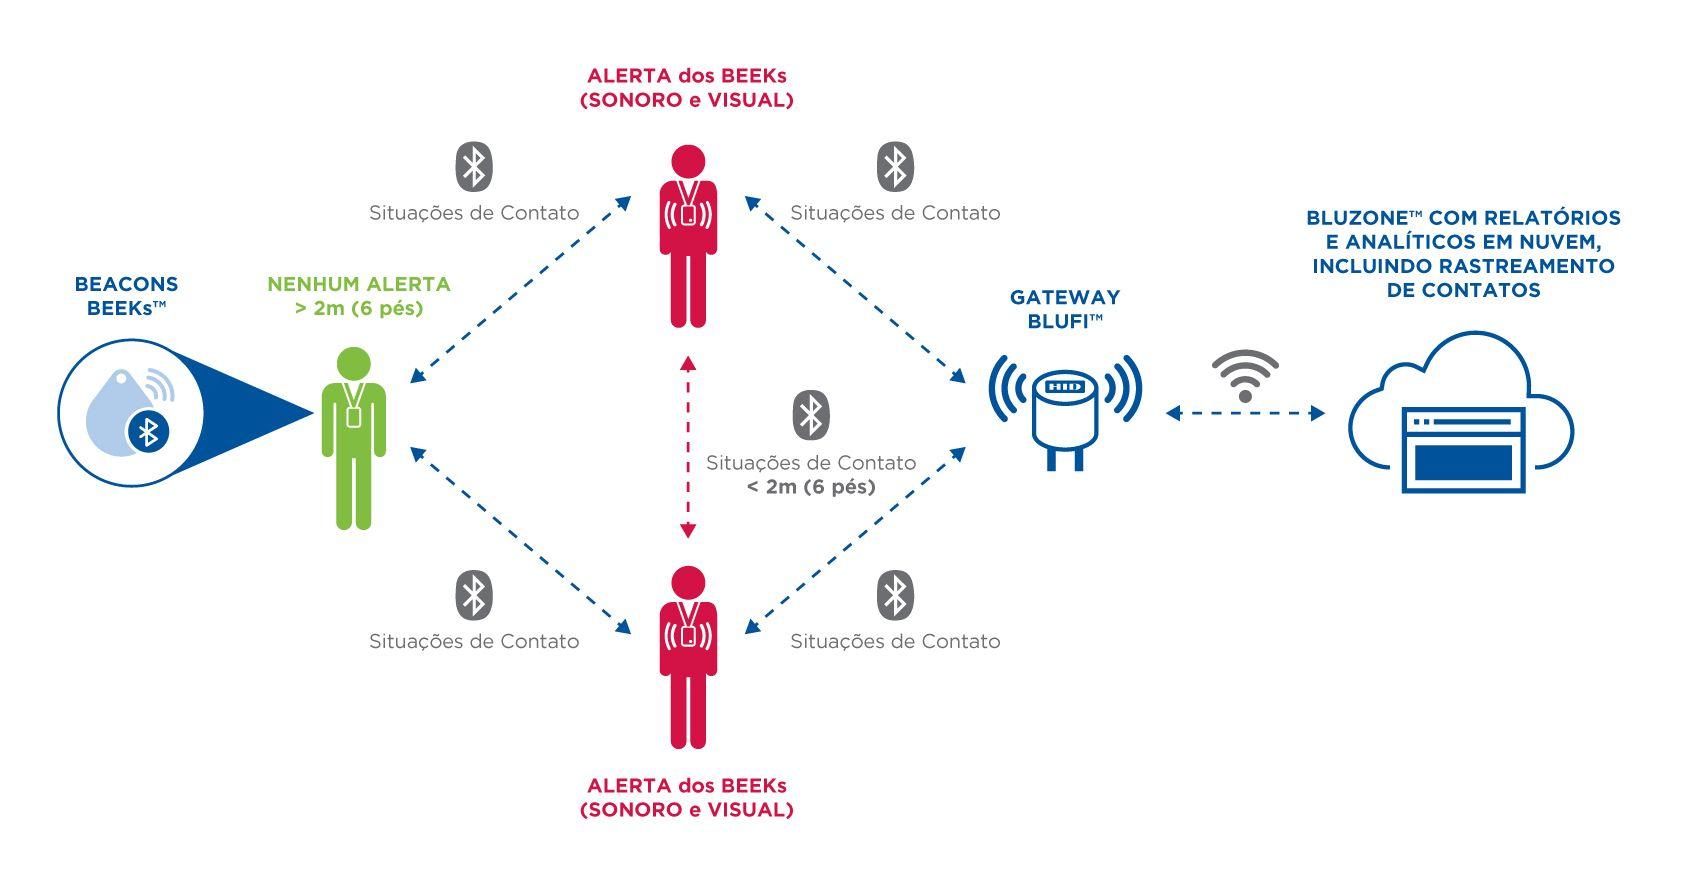 A HID Global habilita os locais de trabalho a reabrir com segurança, ao automatizar o distanciamento social entre os funcionários e o rastreamento de contatos